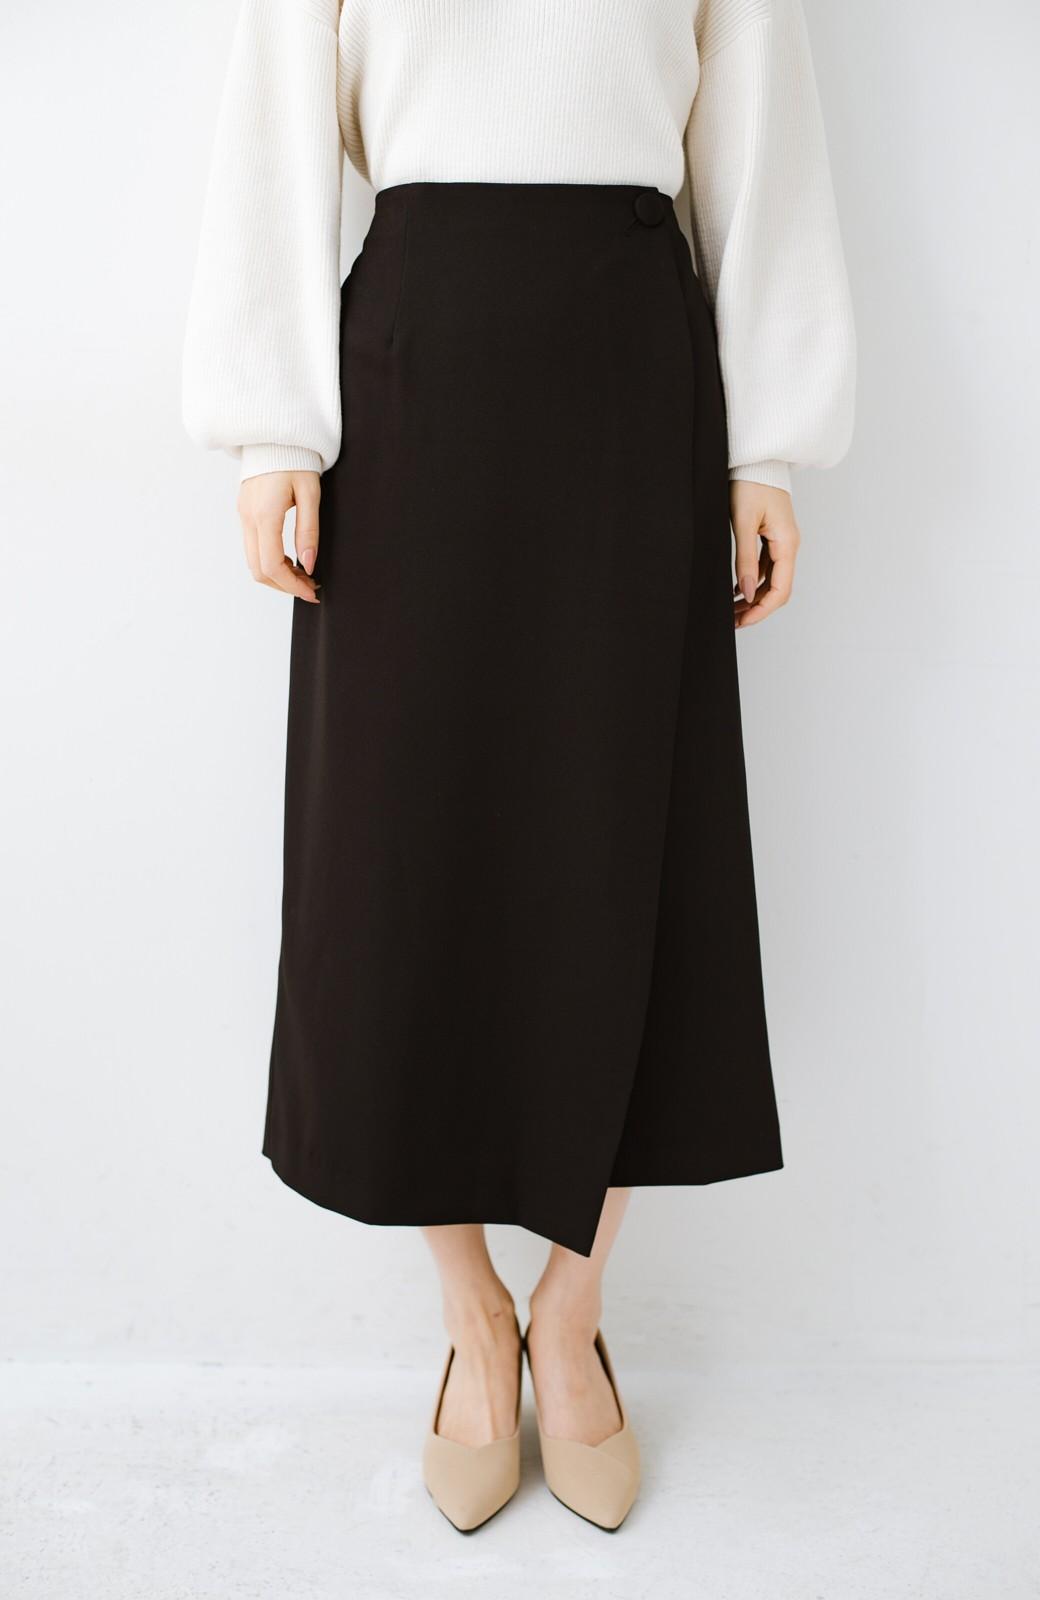 haco! いざというとき困らないための 大人のフォーマルジャケット・スカート2点セット by que made me <ブラック>の商品写真27